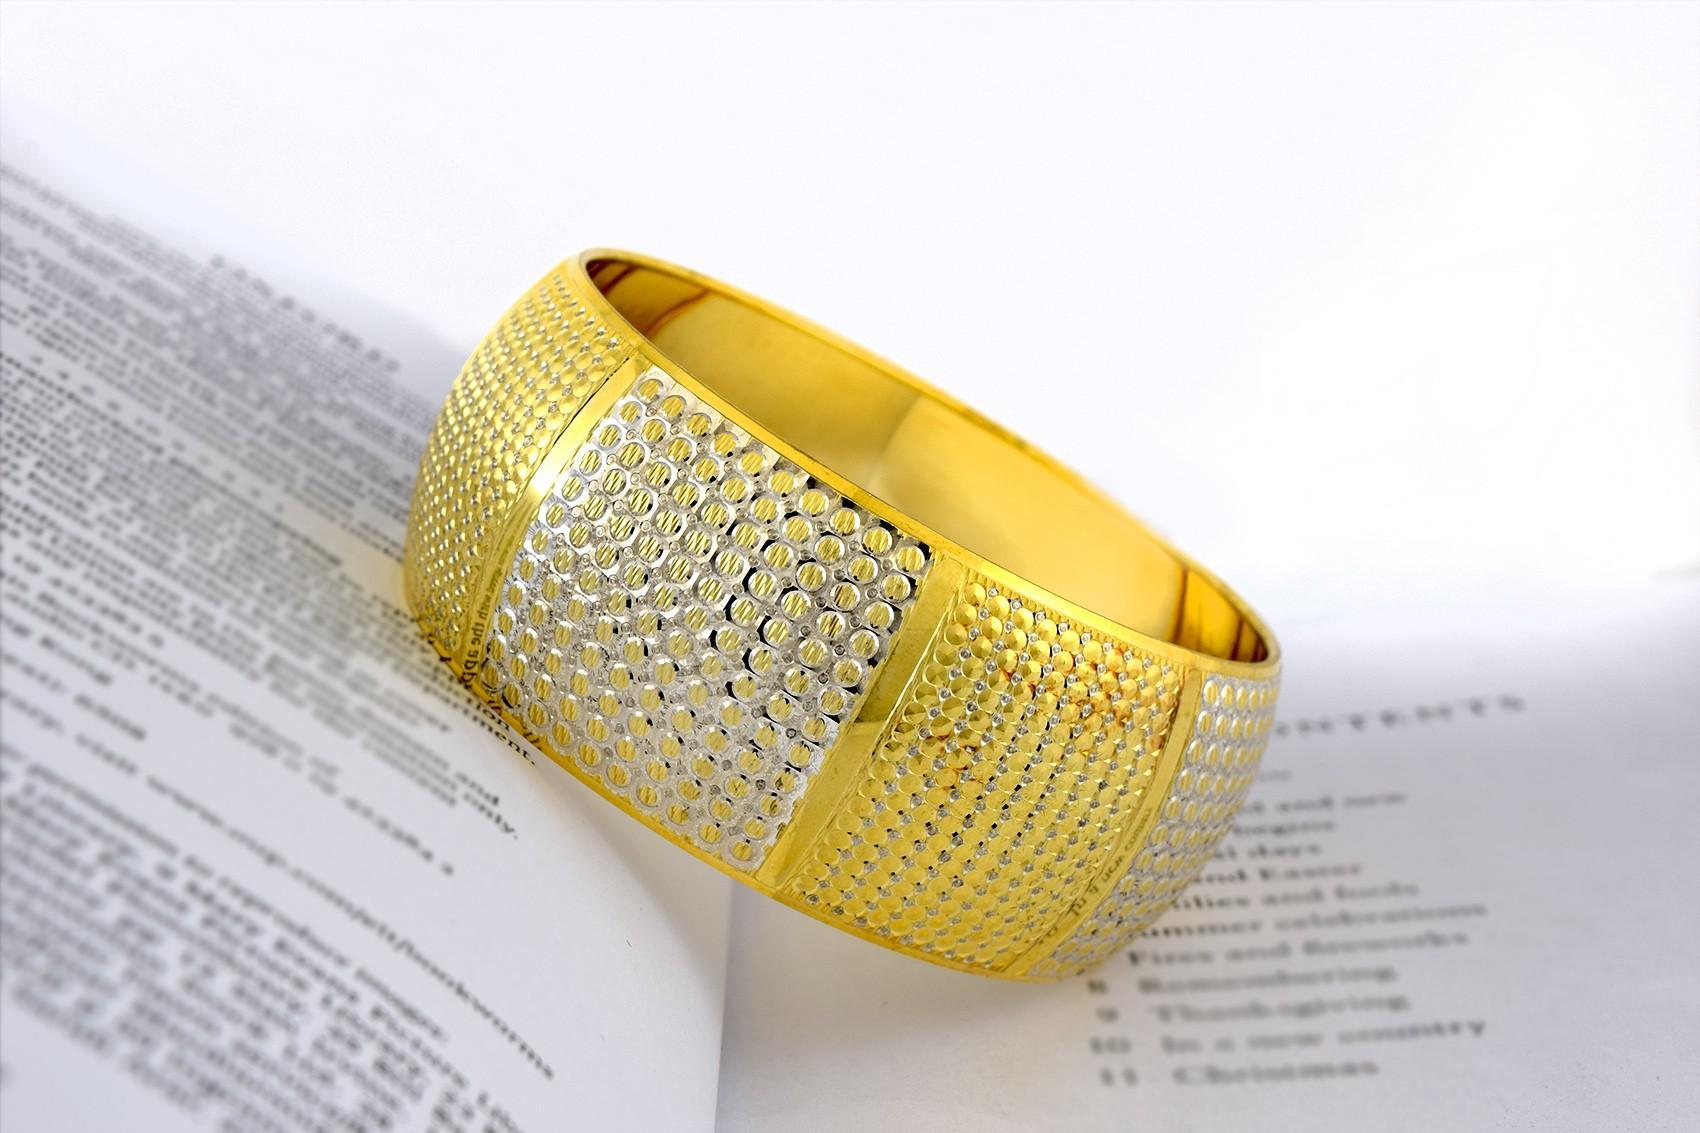 النگو تك پوش نقره دو رنگ طرح طلا al-n110 (3)